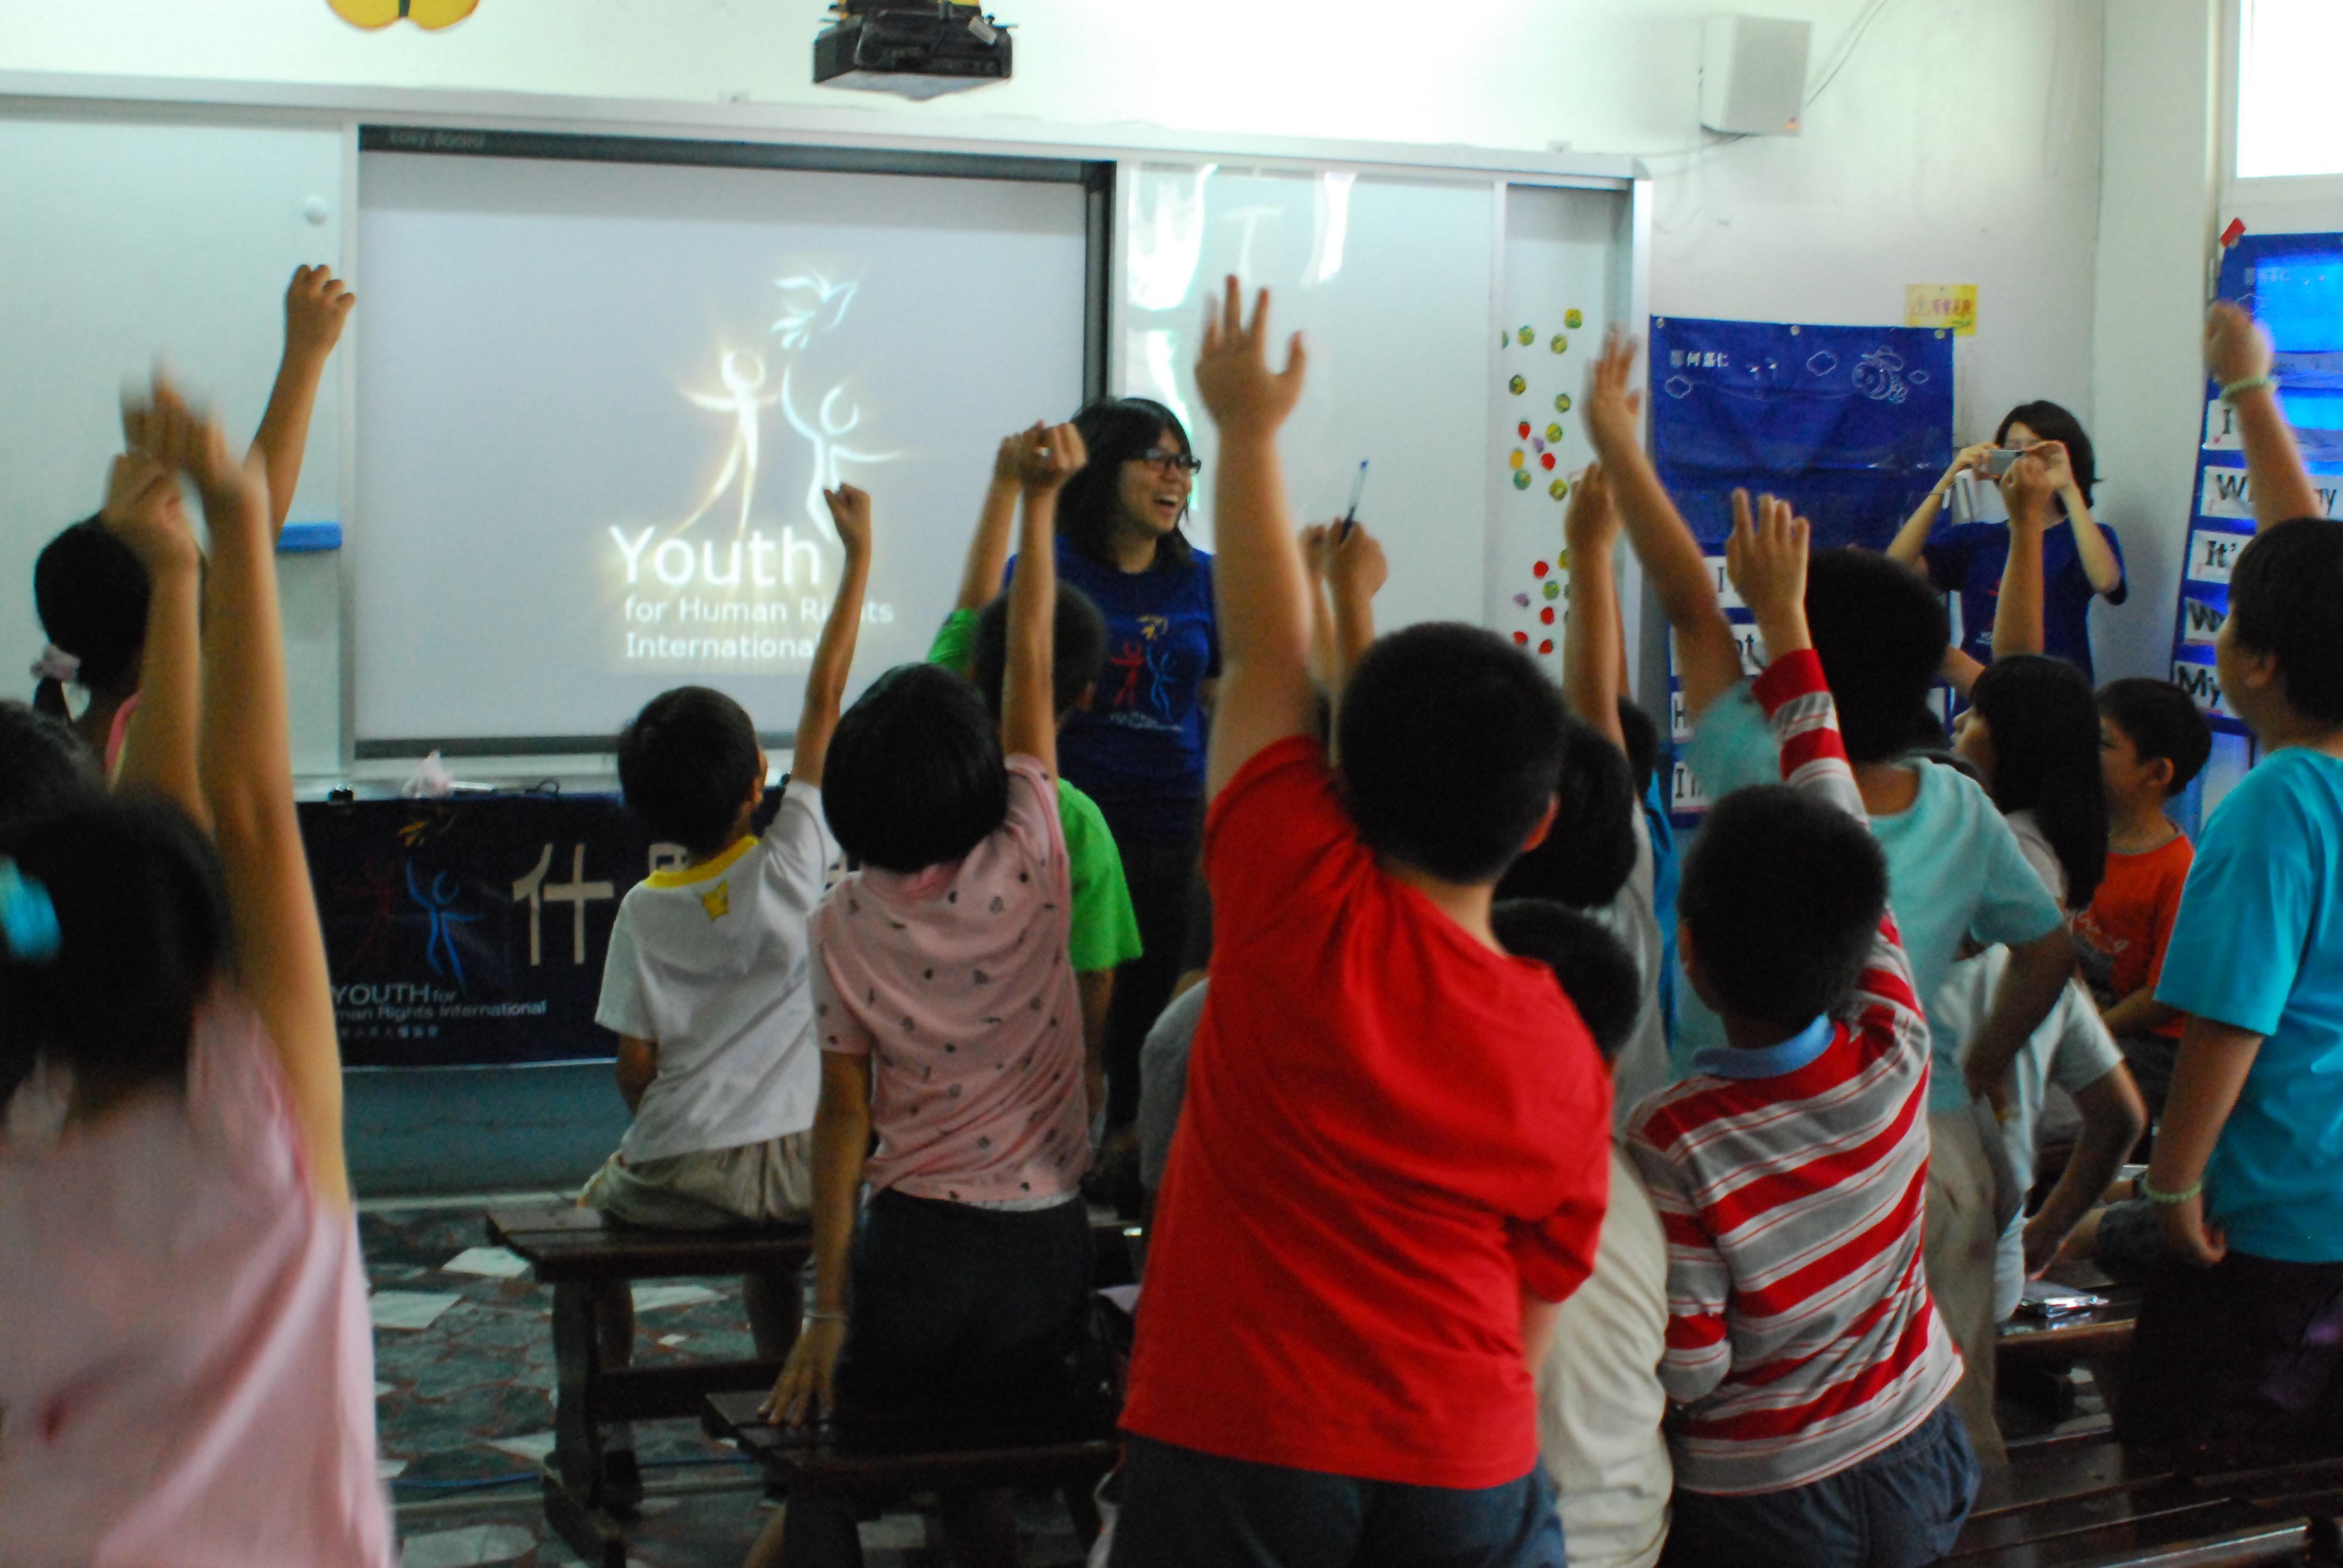 打造世界級的人權環境   從人權教育開始